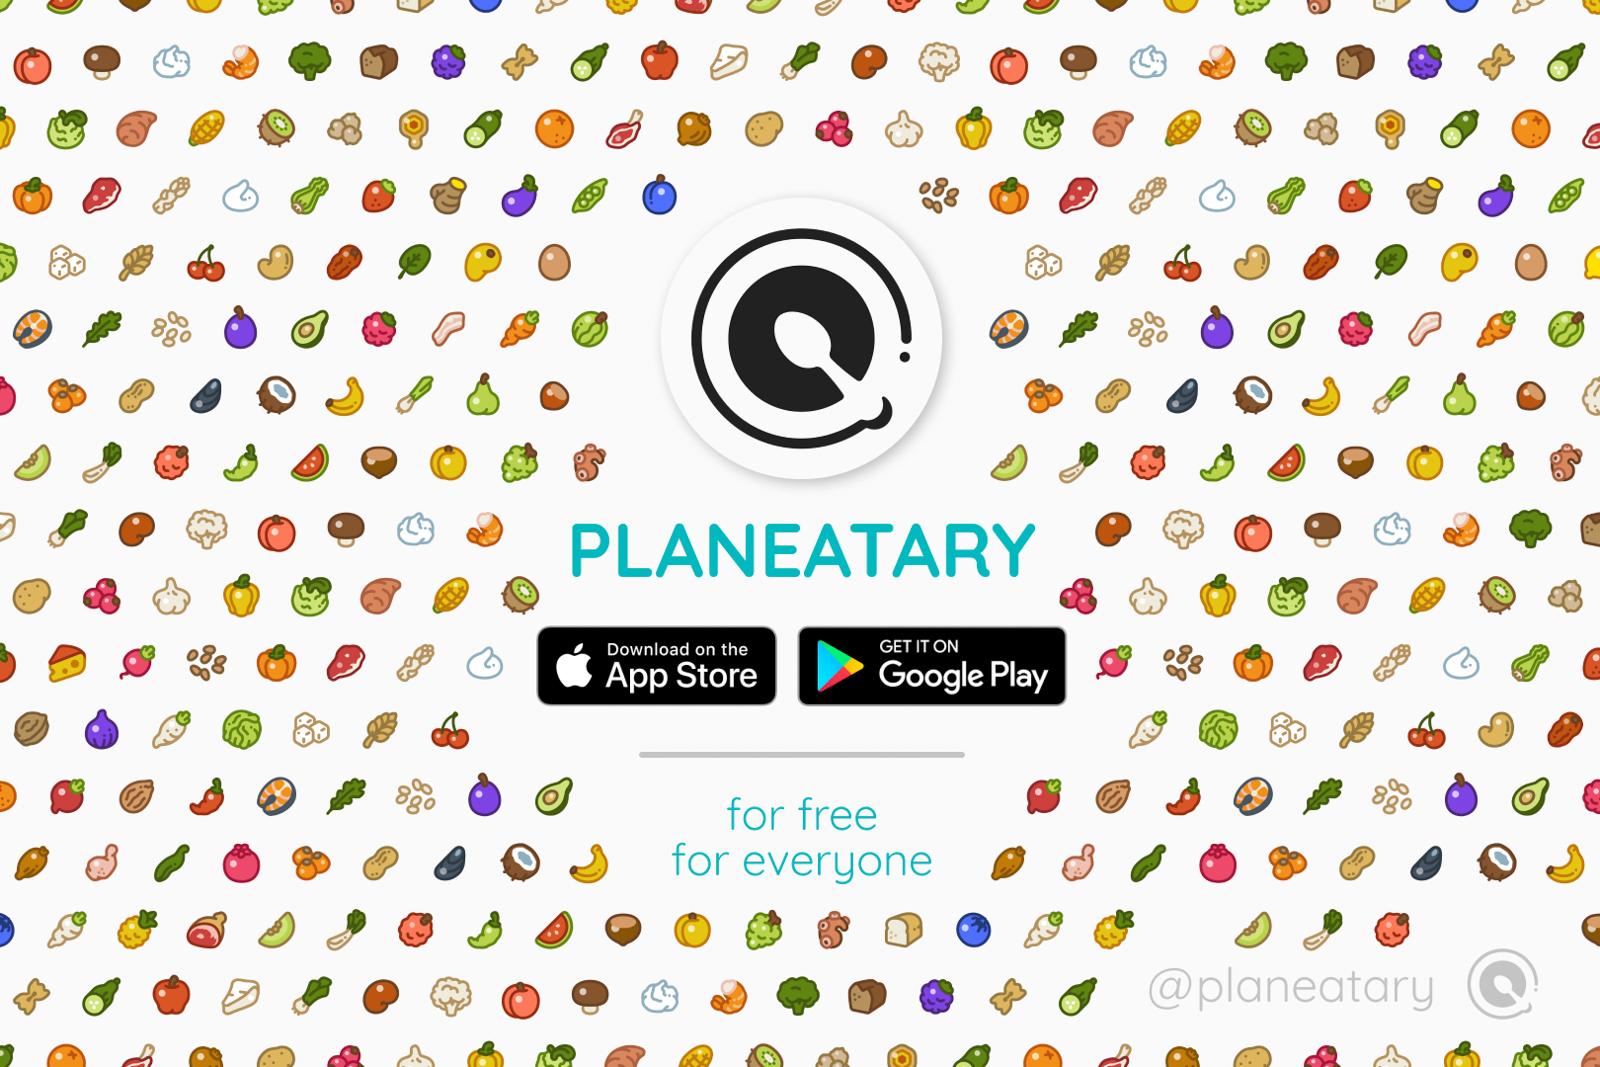 Planeatary App_planetary health diet_gesund und nachhaltig ernähren_kostenlos